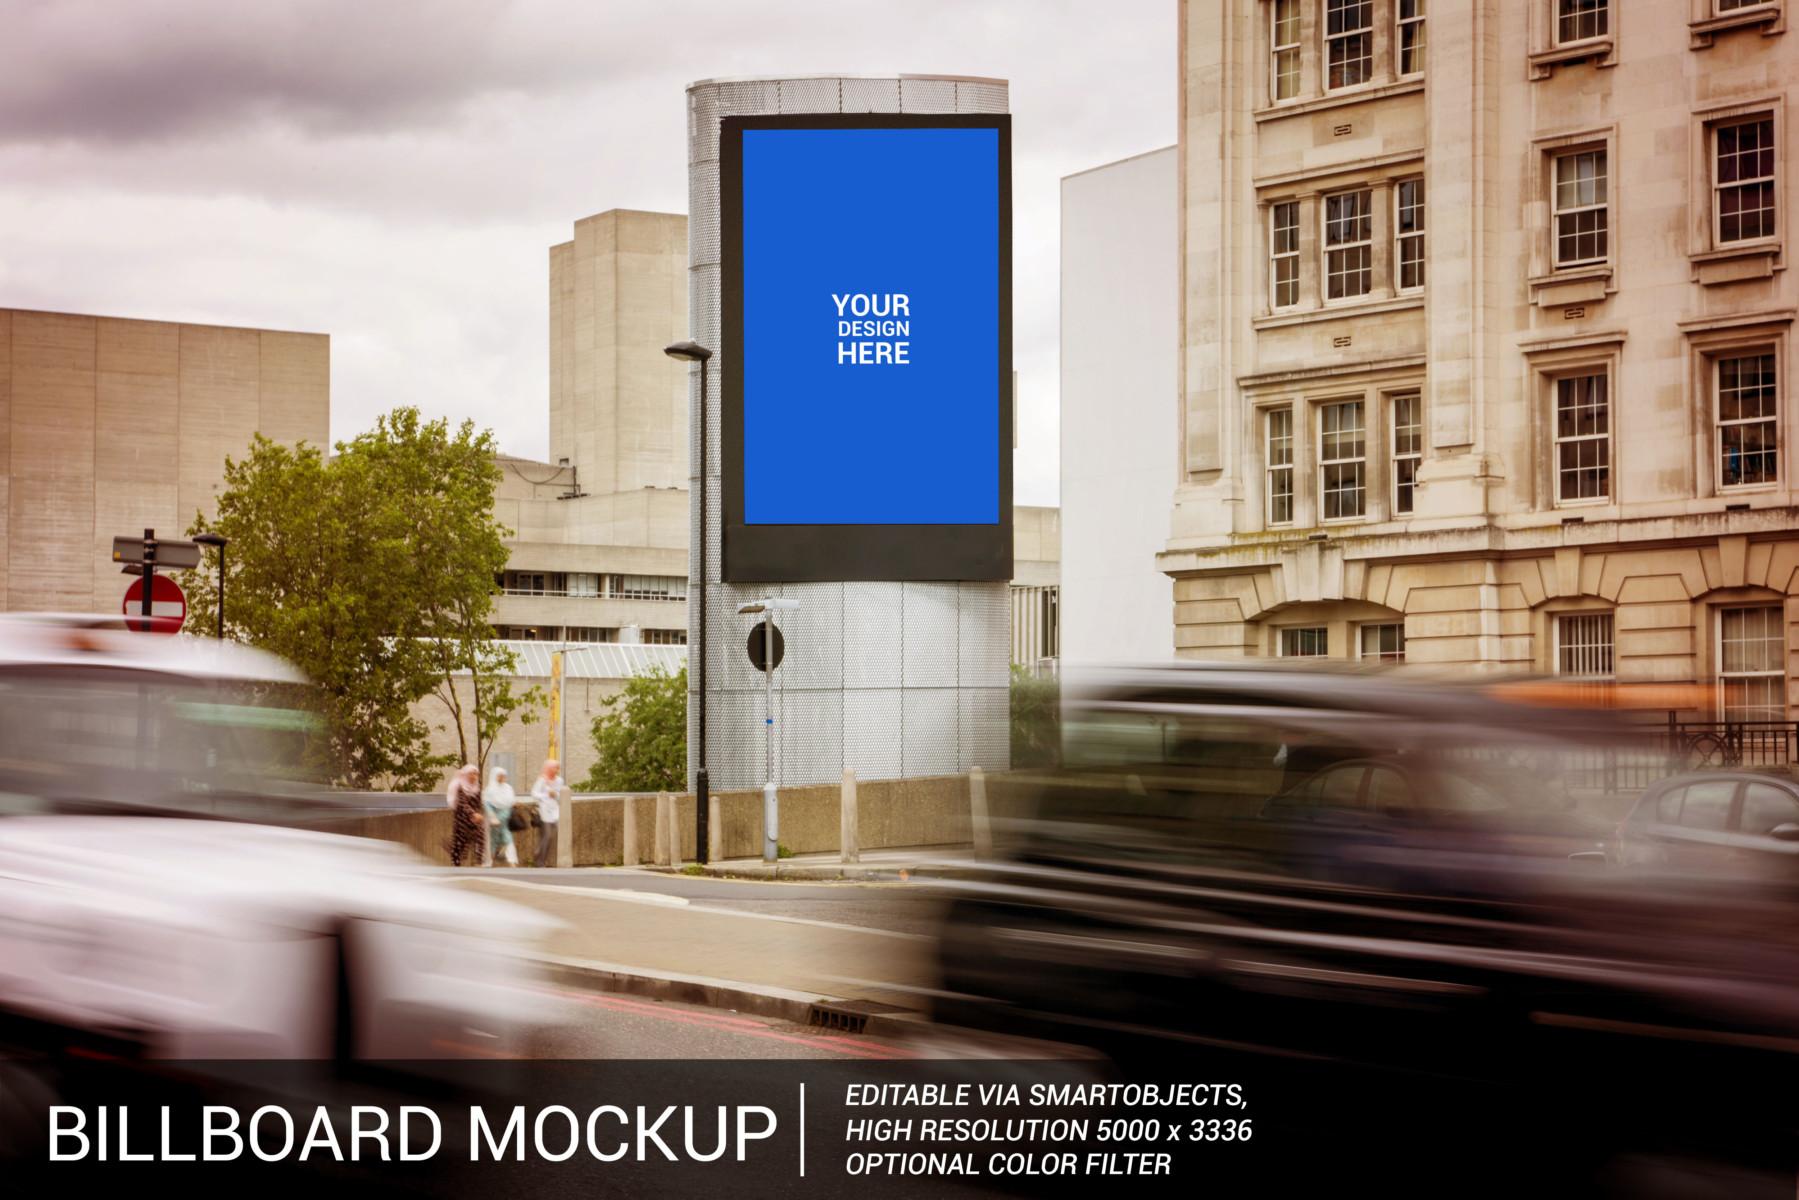 outdoor-signage-billboard-mockup_free-mockup-psd-online-mockup-website